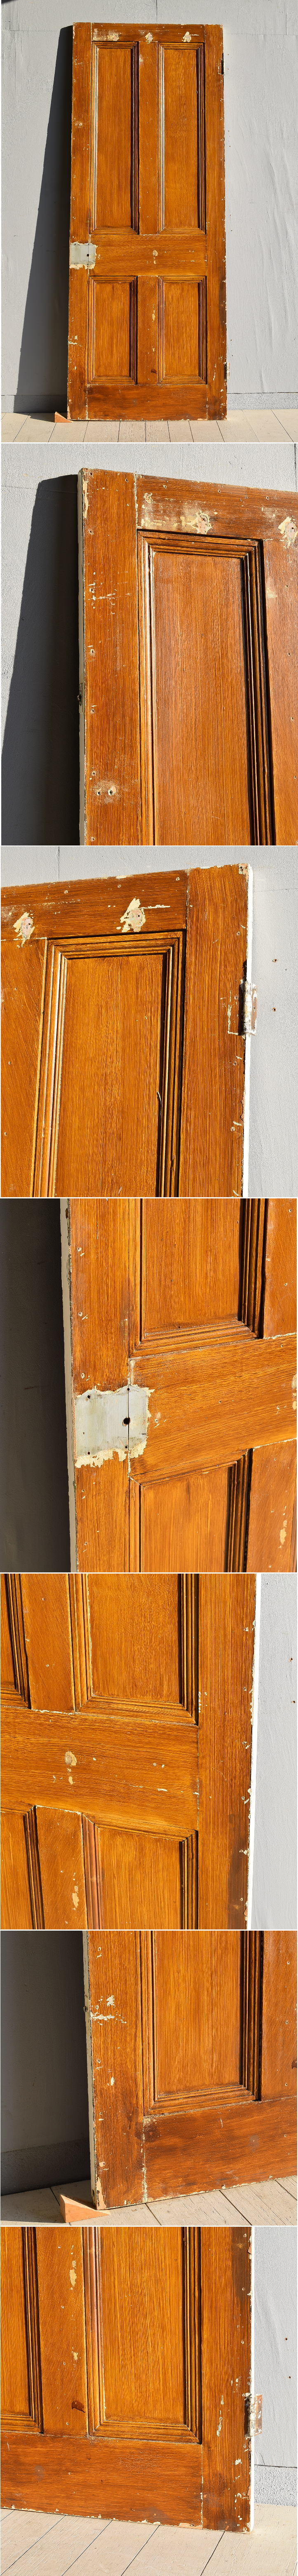 イギリス アンティーク ドア 扉 建具 7854